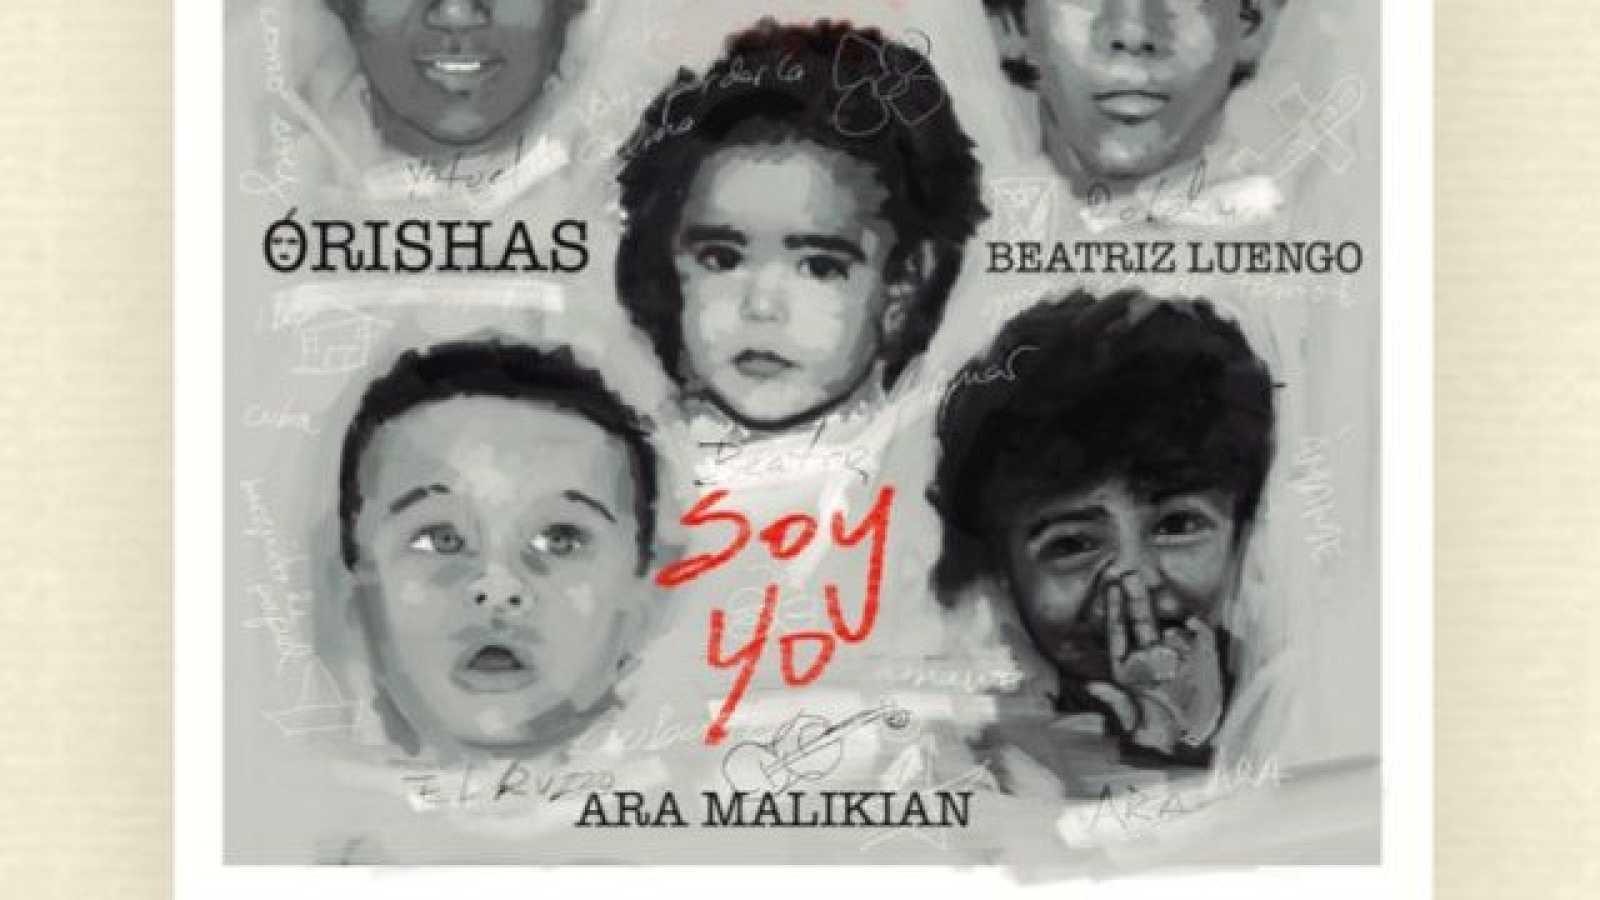 El grupo cubano Orishas versiona un tema de Pablo Milanés, con la colaboración de Beatriz Luengo y Ara Malikian